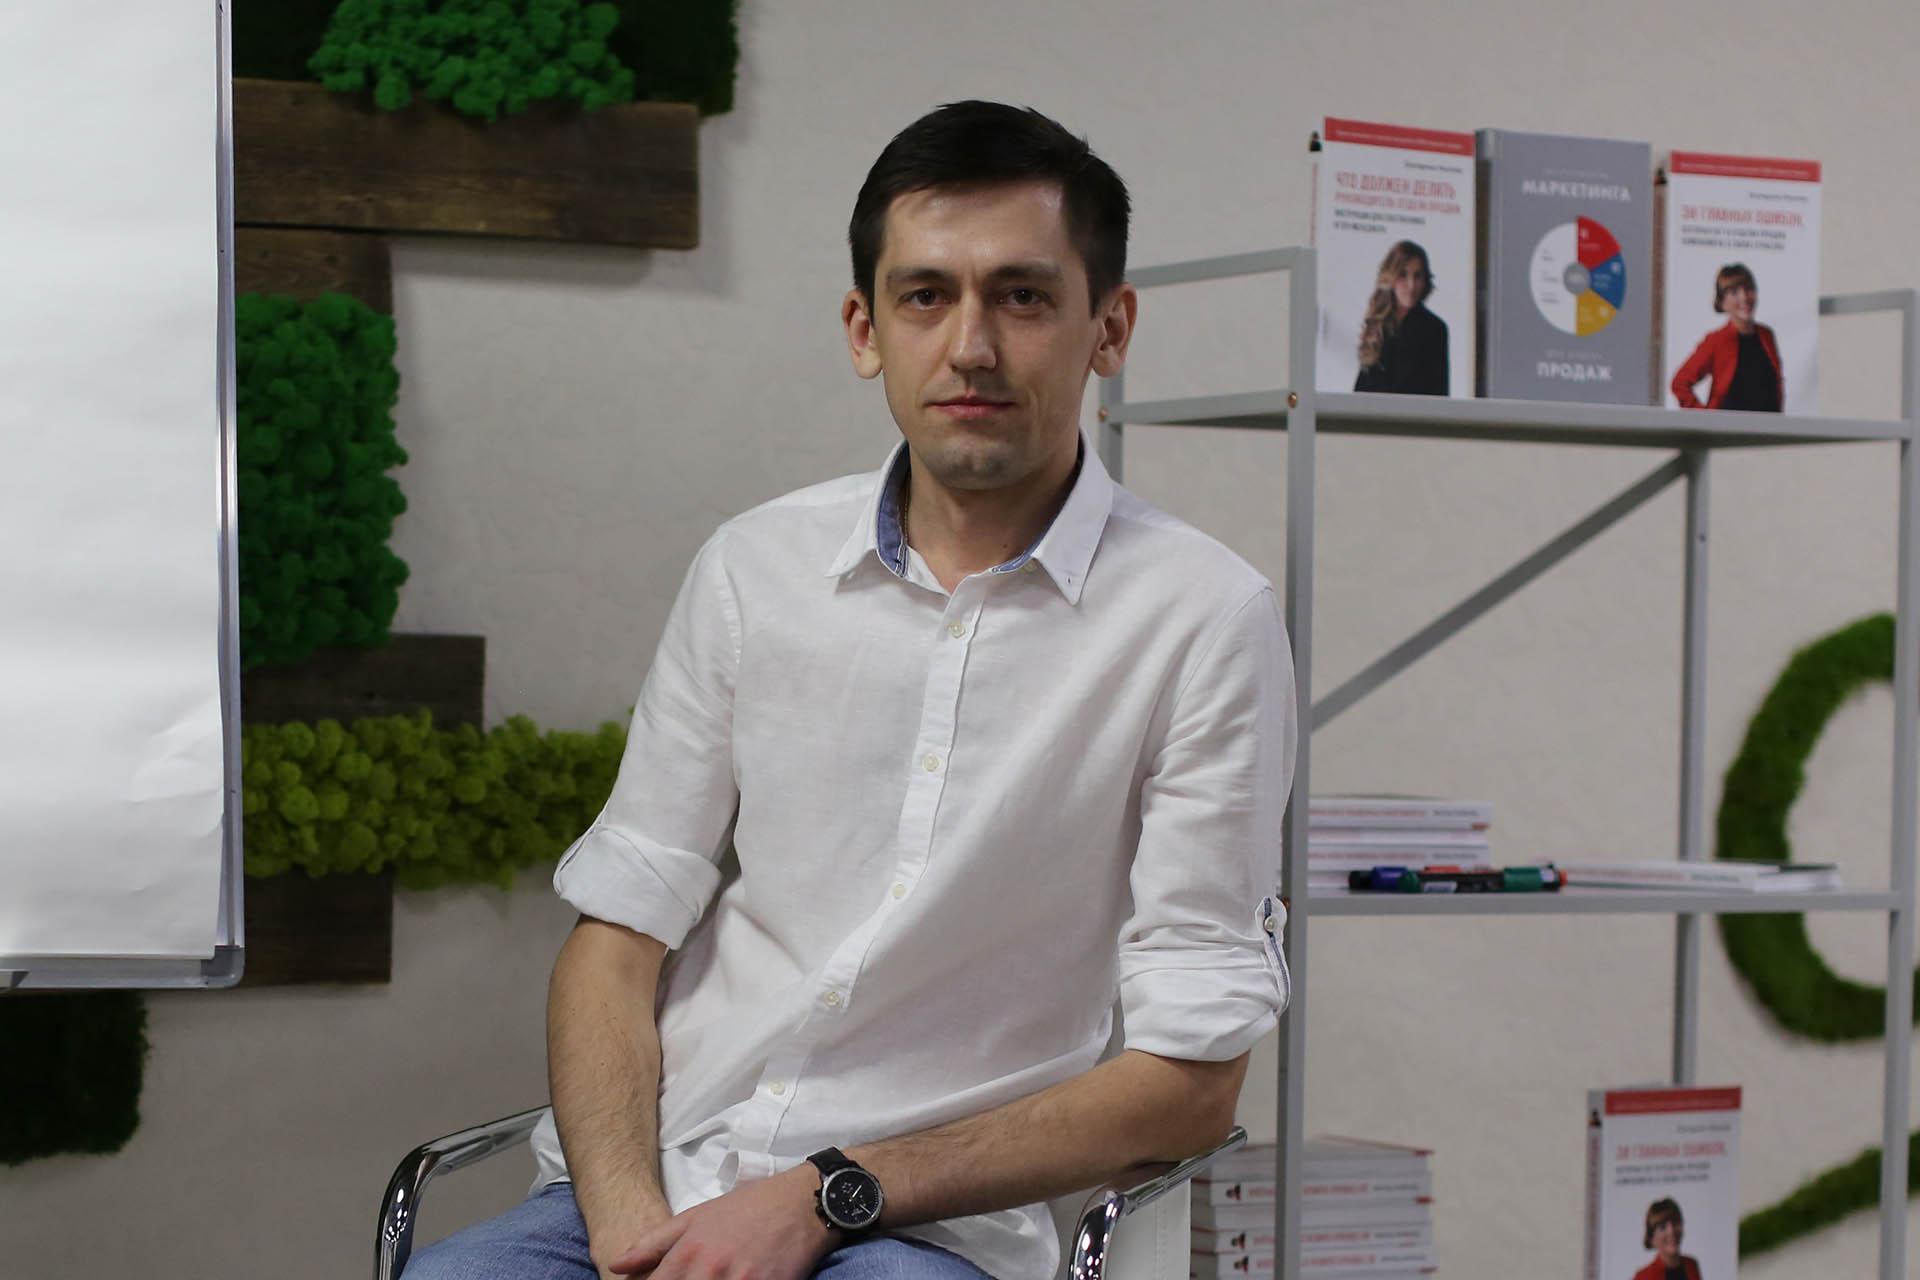 Спикер: Рыбченко Константин. Бизнес-консультант, эксперт по автоматизации бизнеса